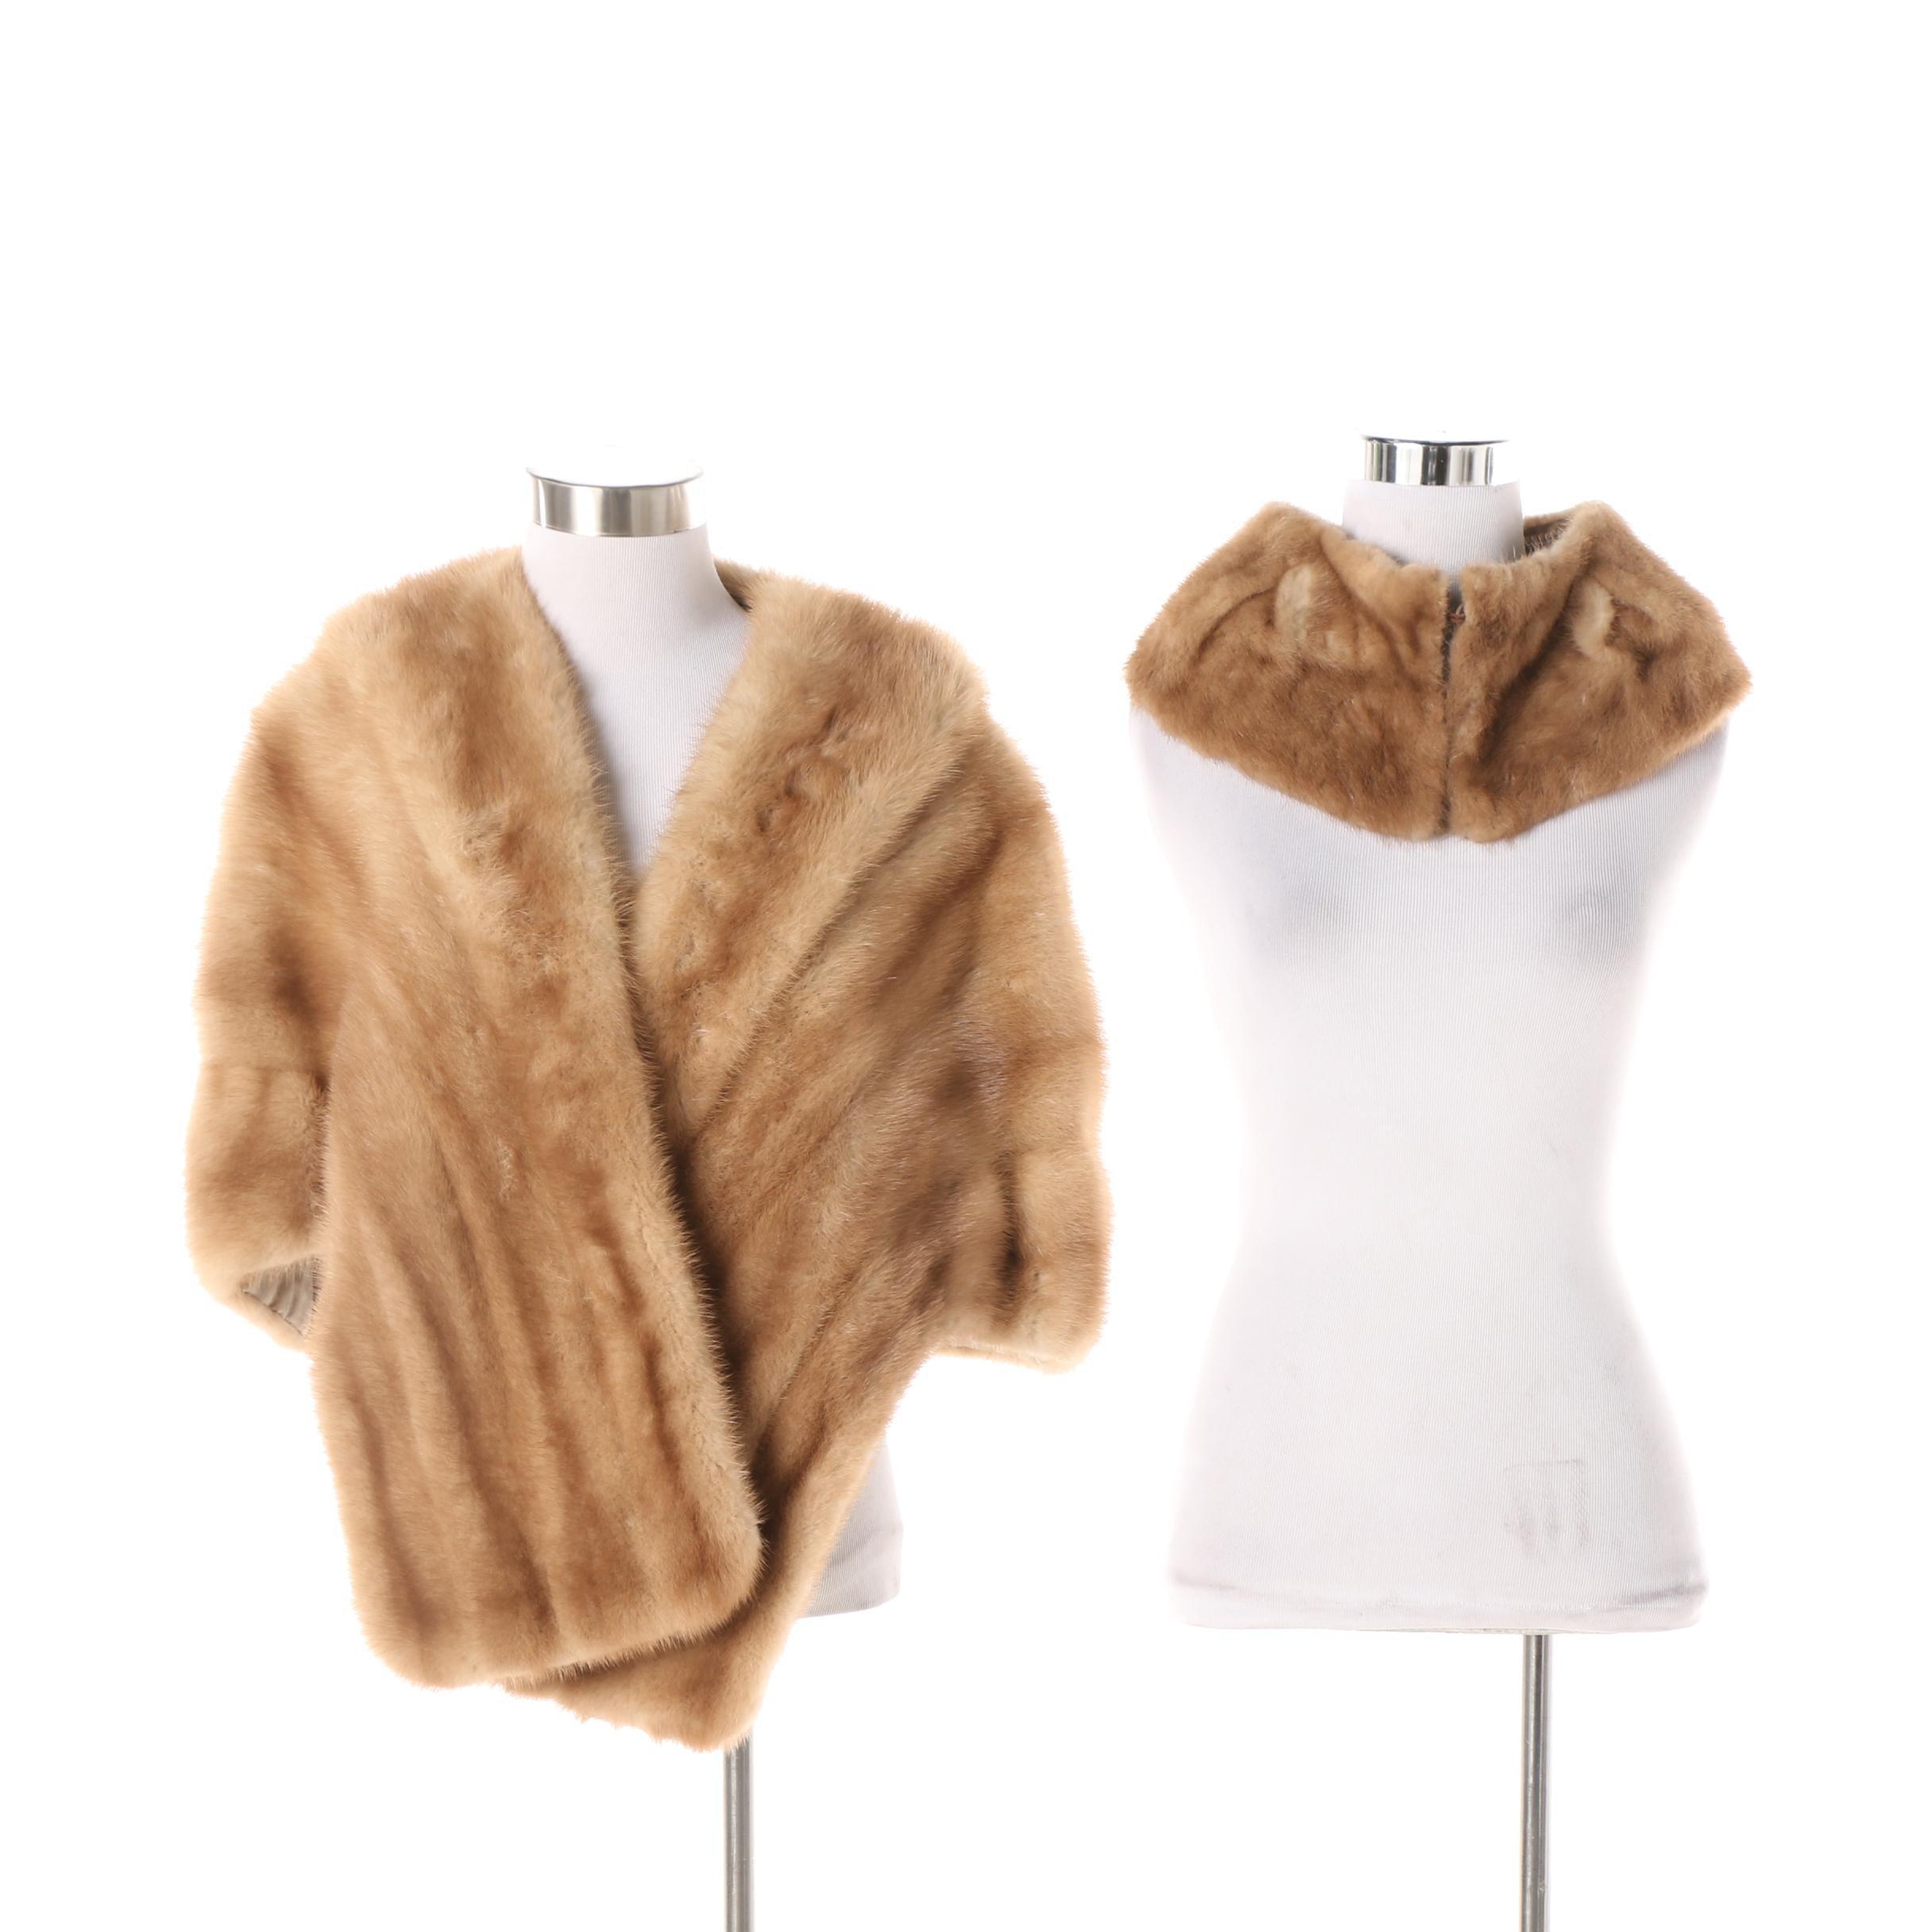 Women's Vintage Jack Slade Furs Blonde Mink Fur Stole and Collar